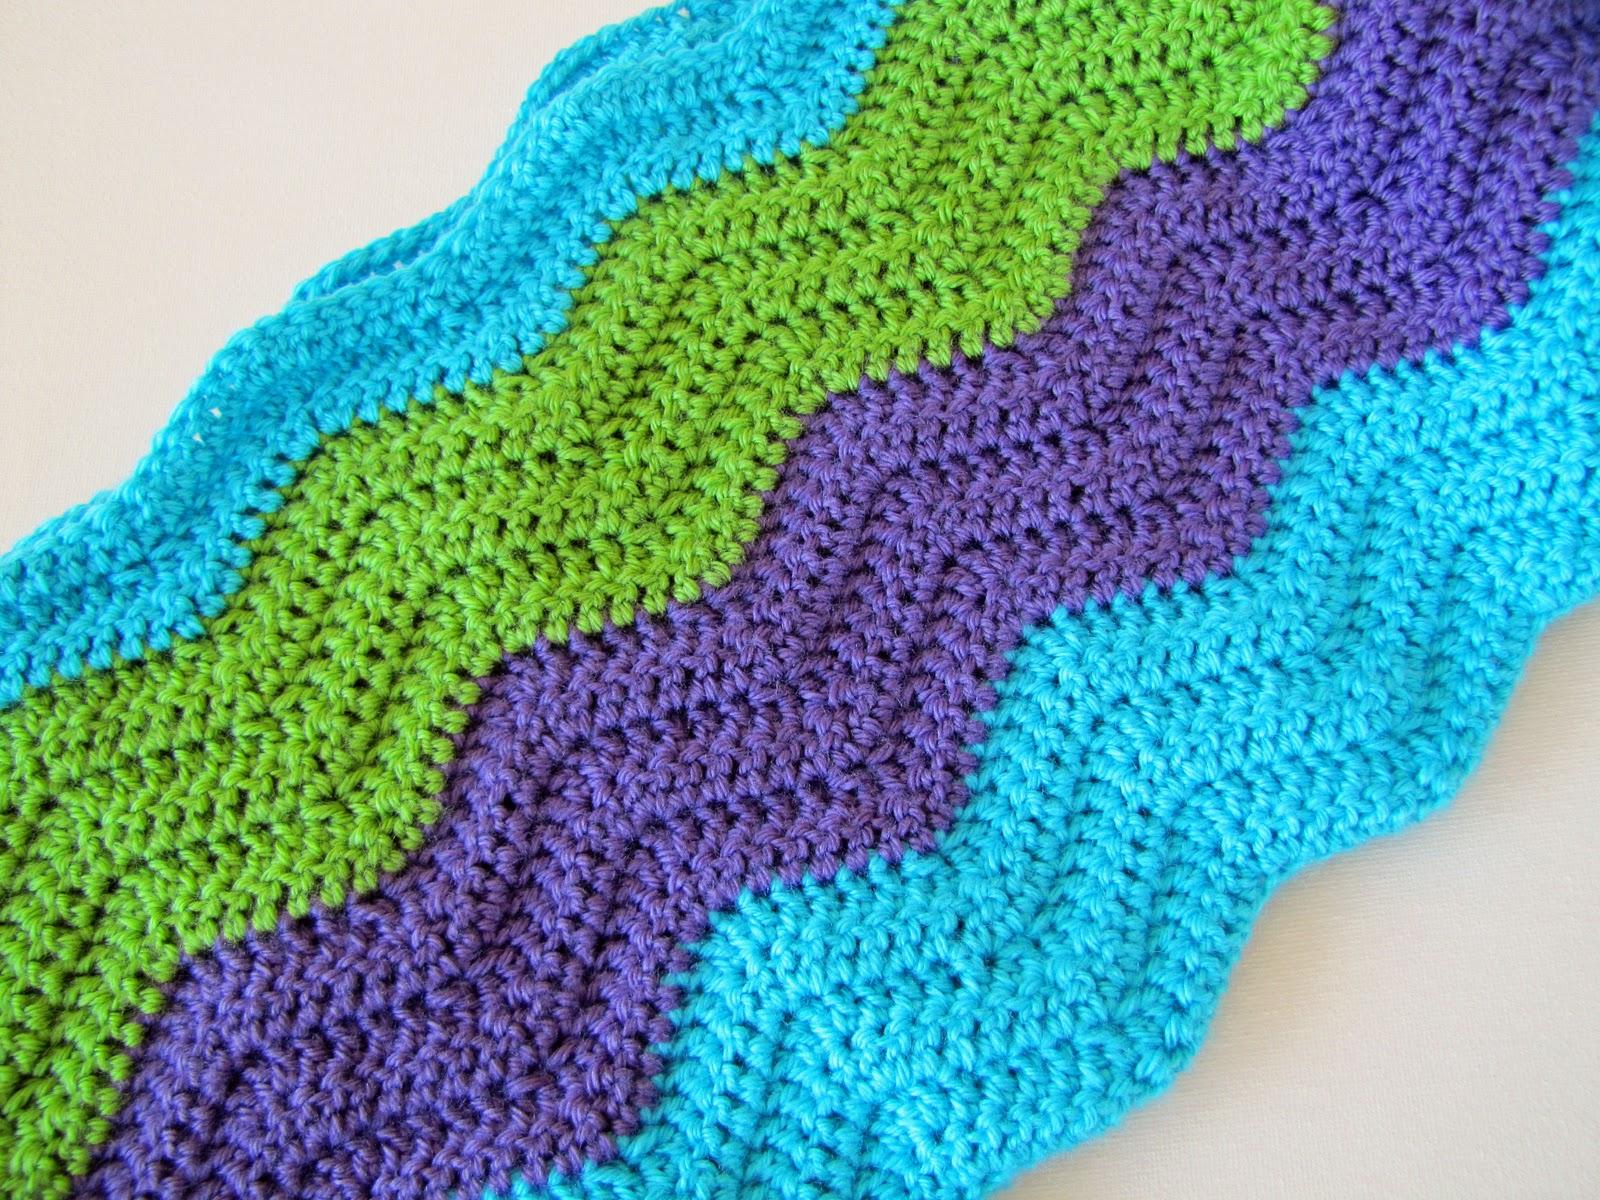 Crochet Baby Blanket Pattern  Crochet Hooks You  For Beginners Crochet Blanket For Beginners